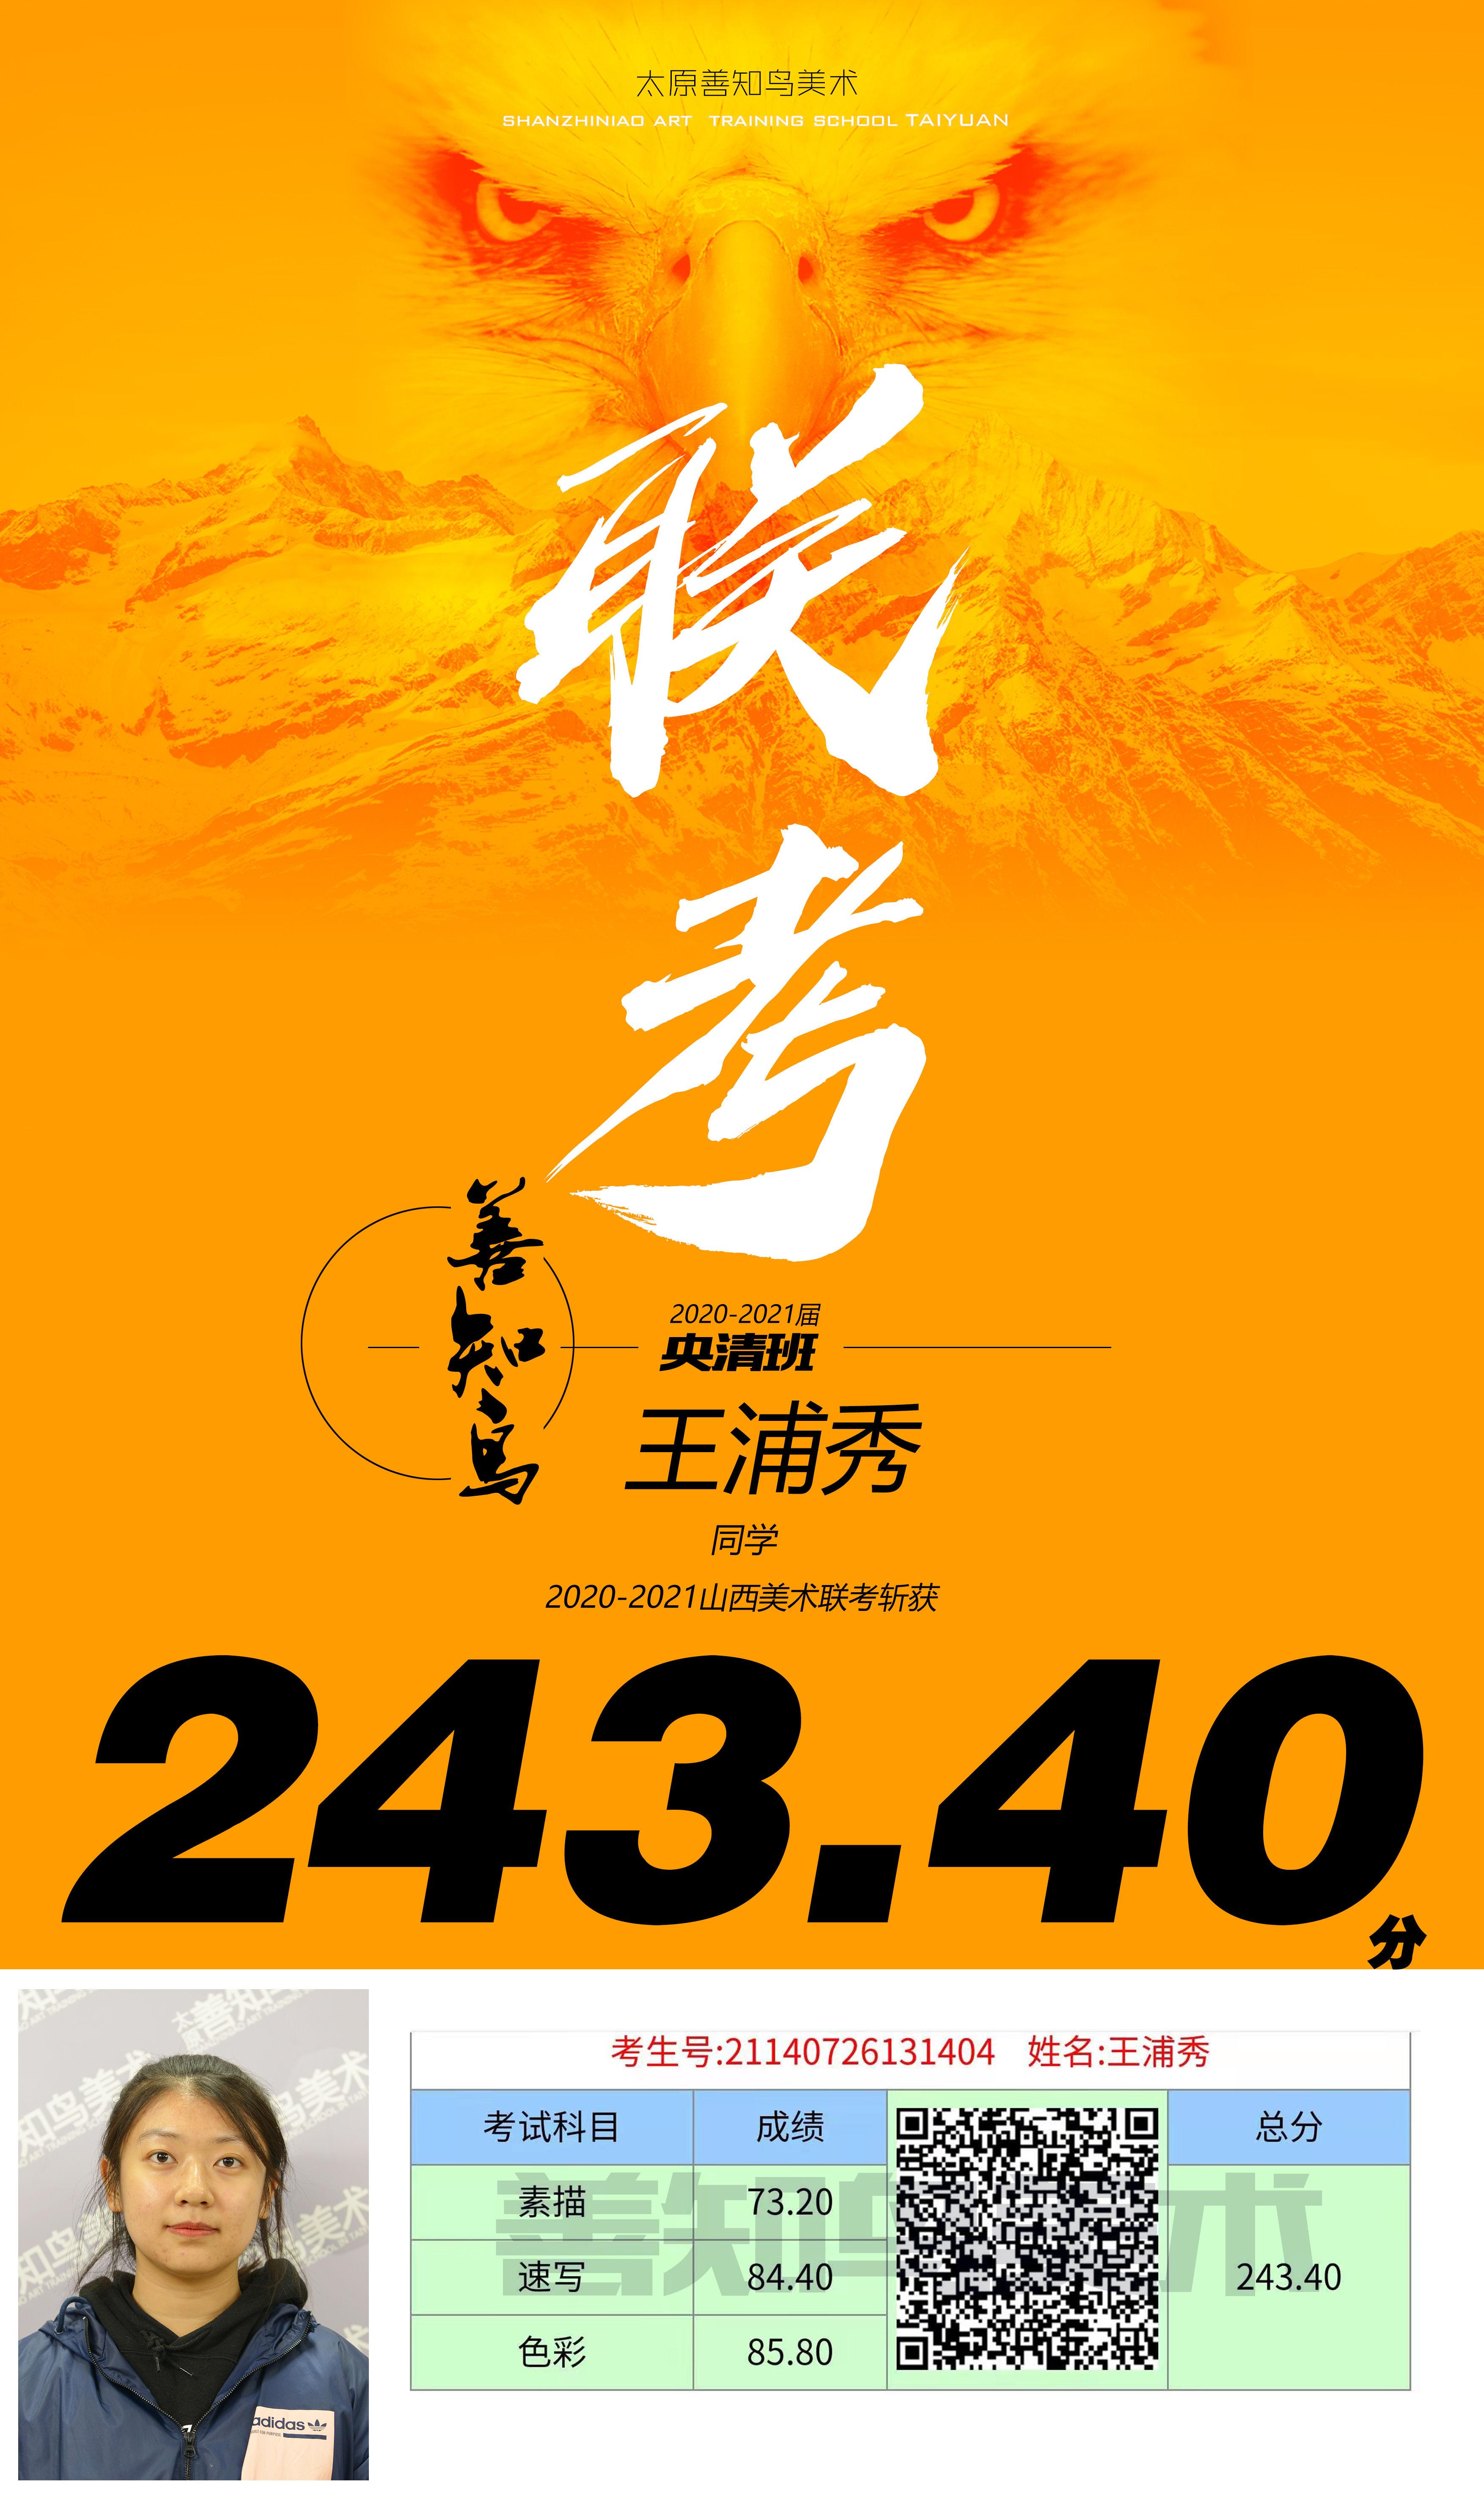 243.40王浦秀.jpg